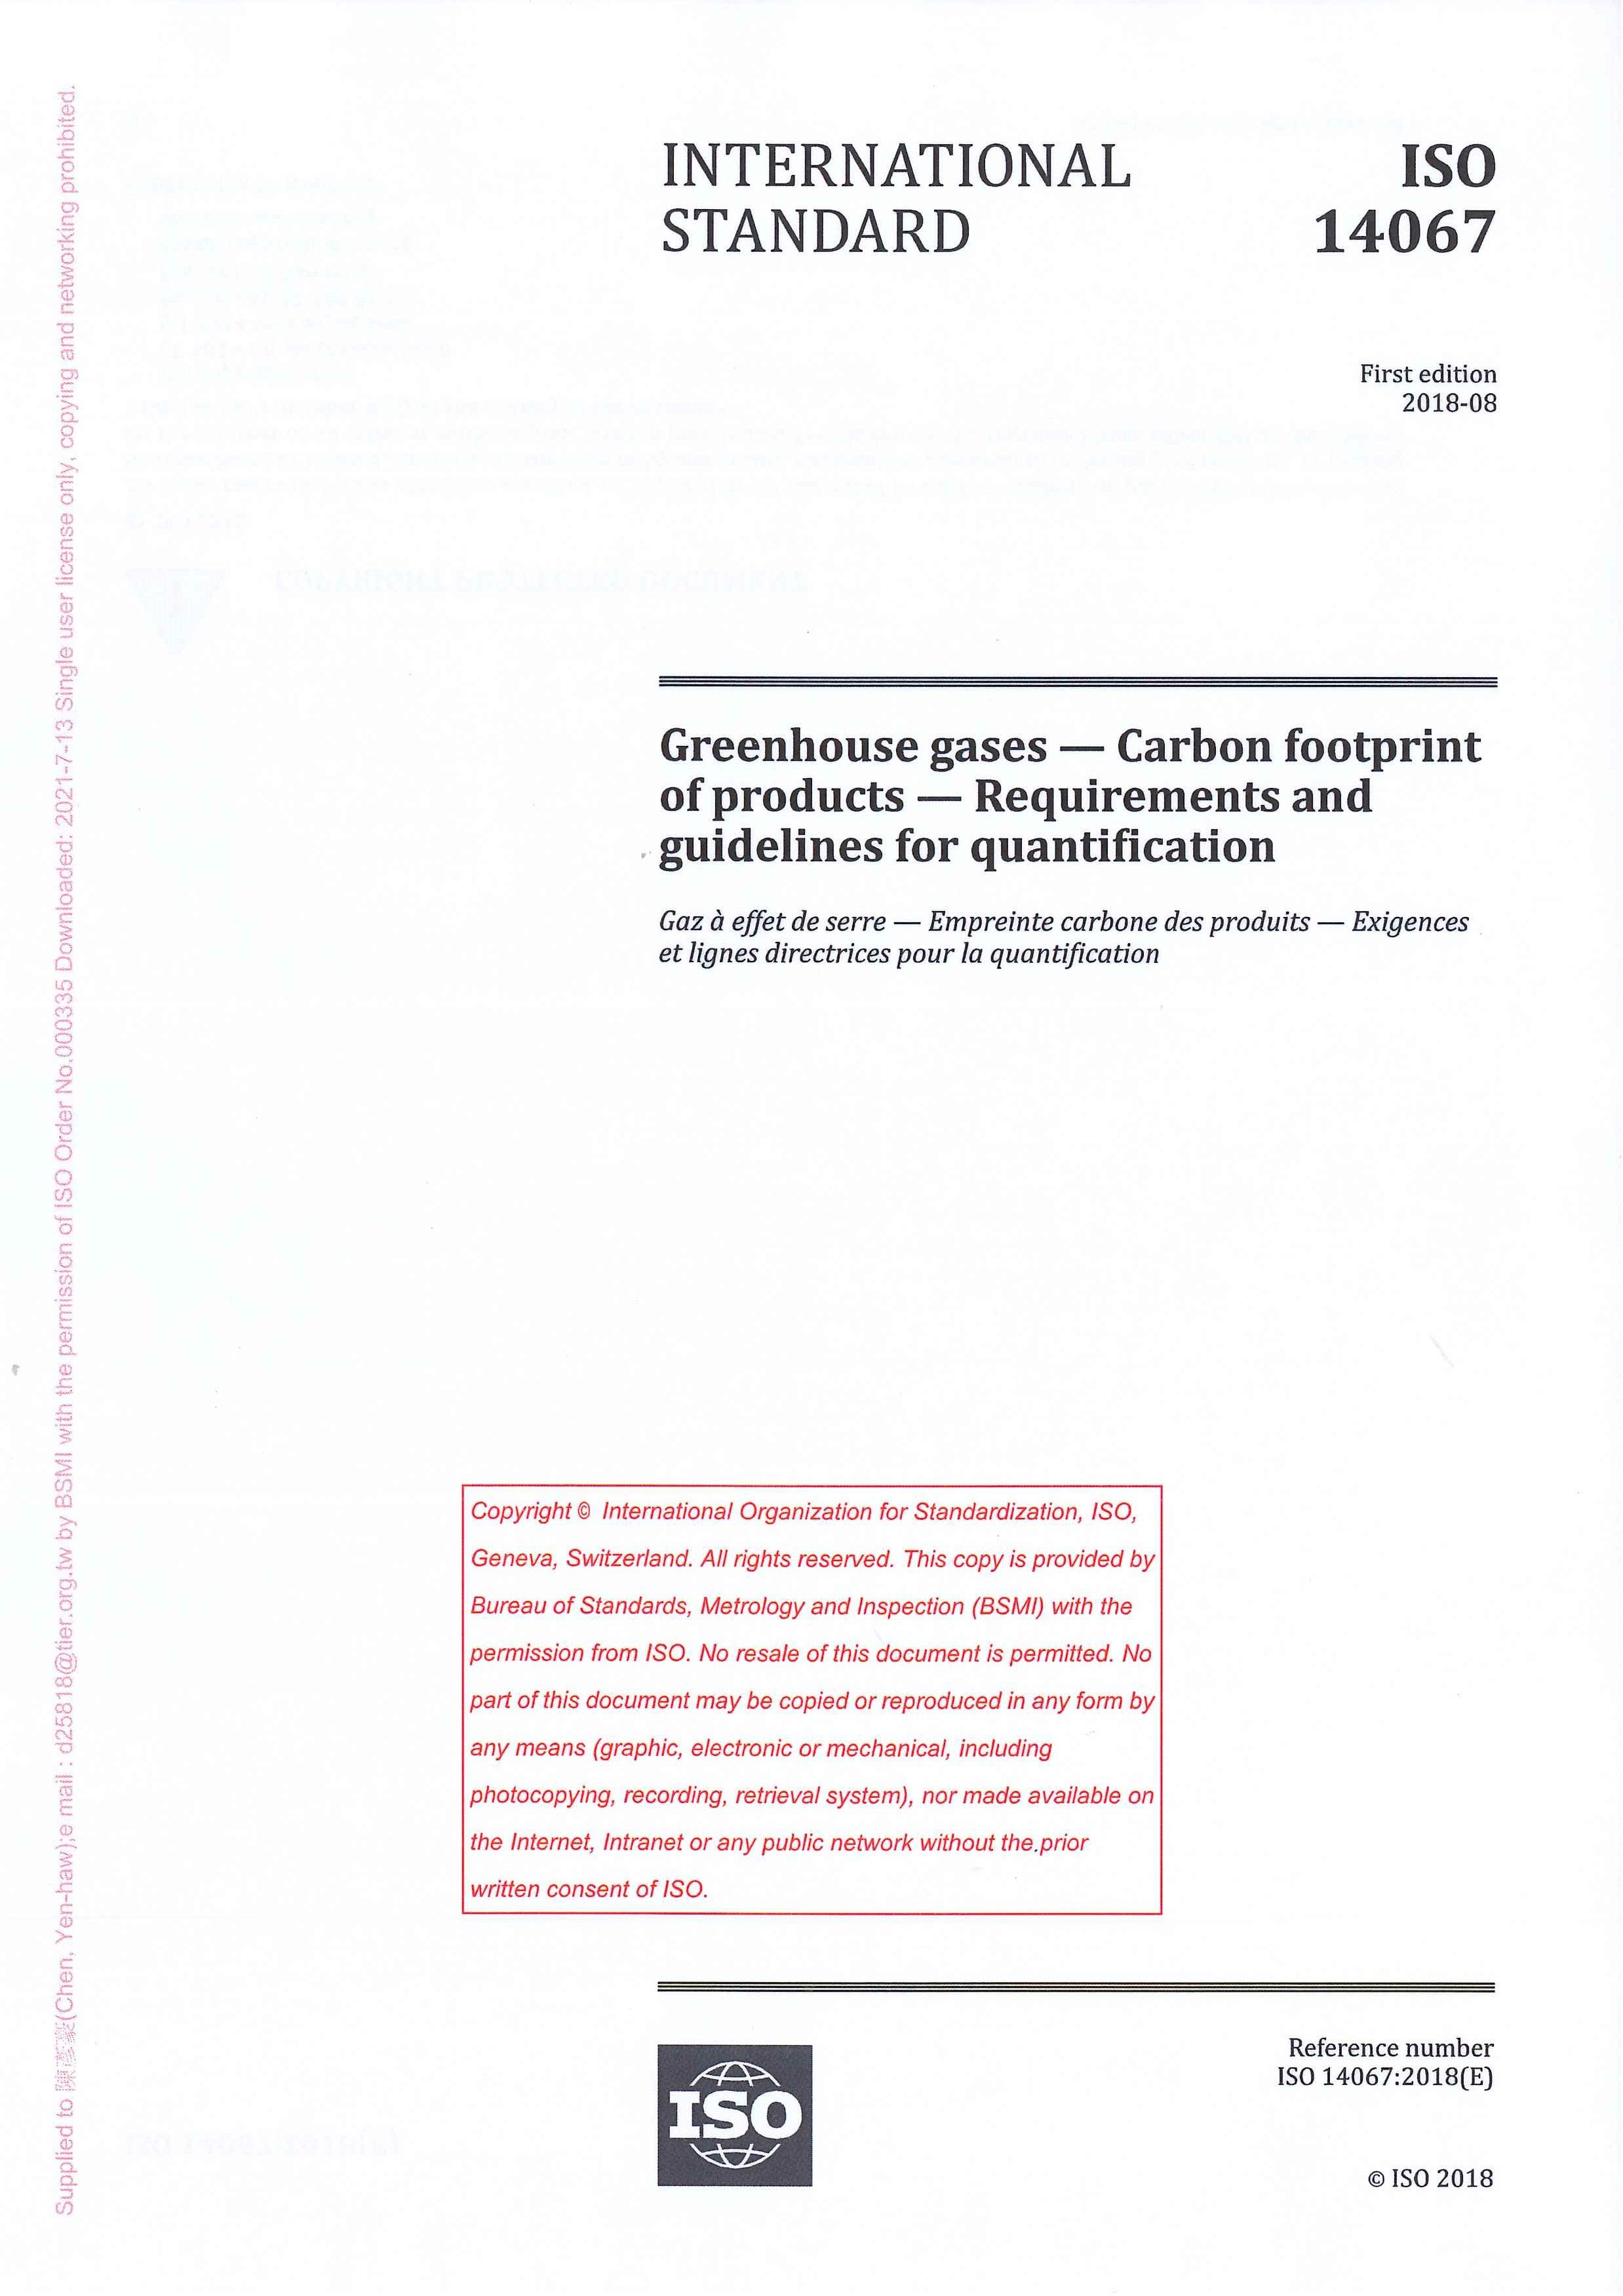 Greenhouse gases [e-book]:carbon footprint of products=Gaz à effet de serre: empreinte carbone des produits: exigences et lignes directrices pour la quantification:requirements and guidelines for quantification